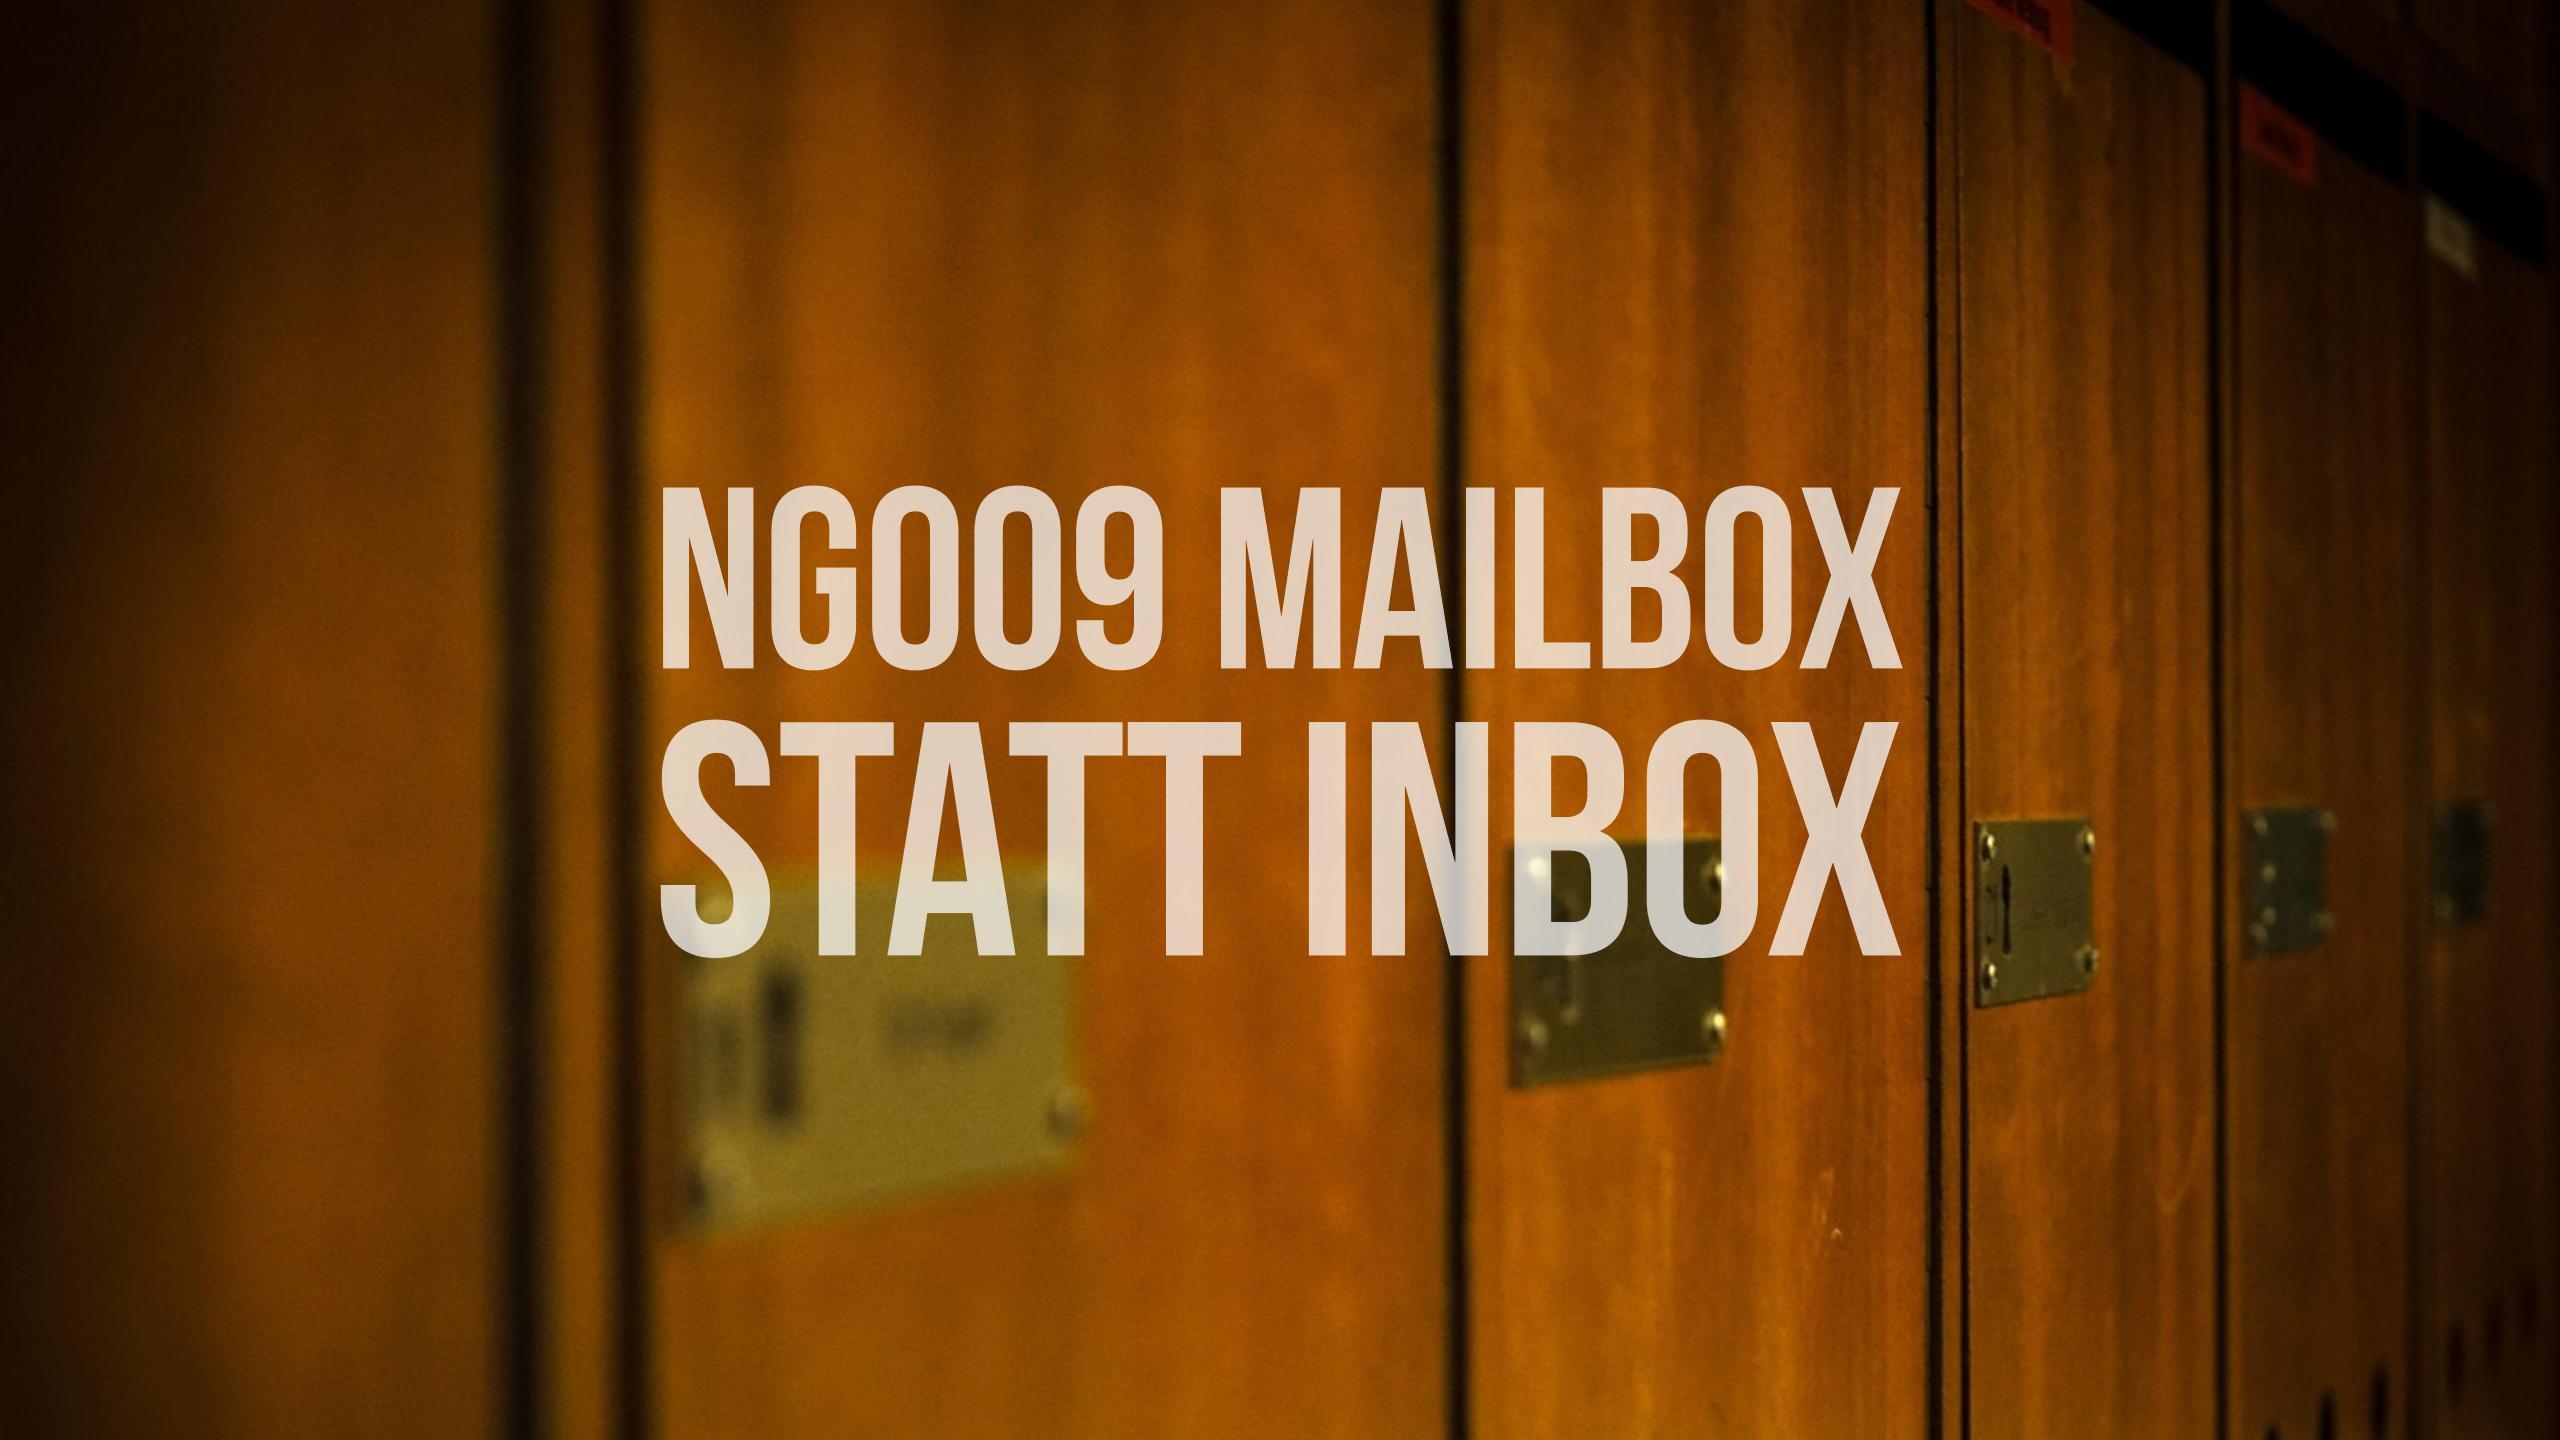 NG009 Mailbox statt Inbox